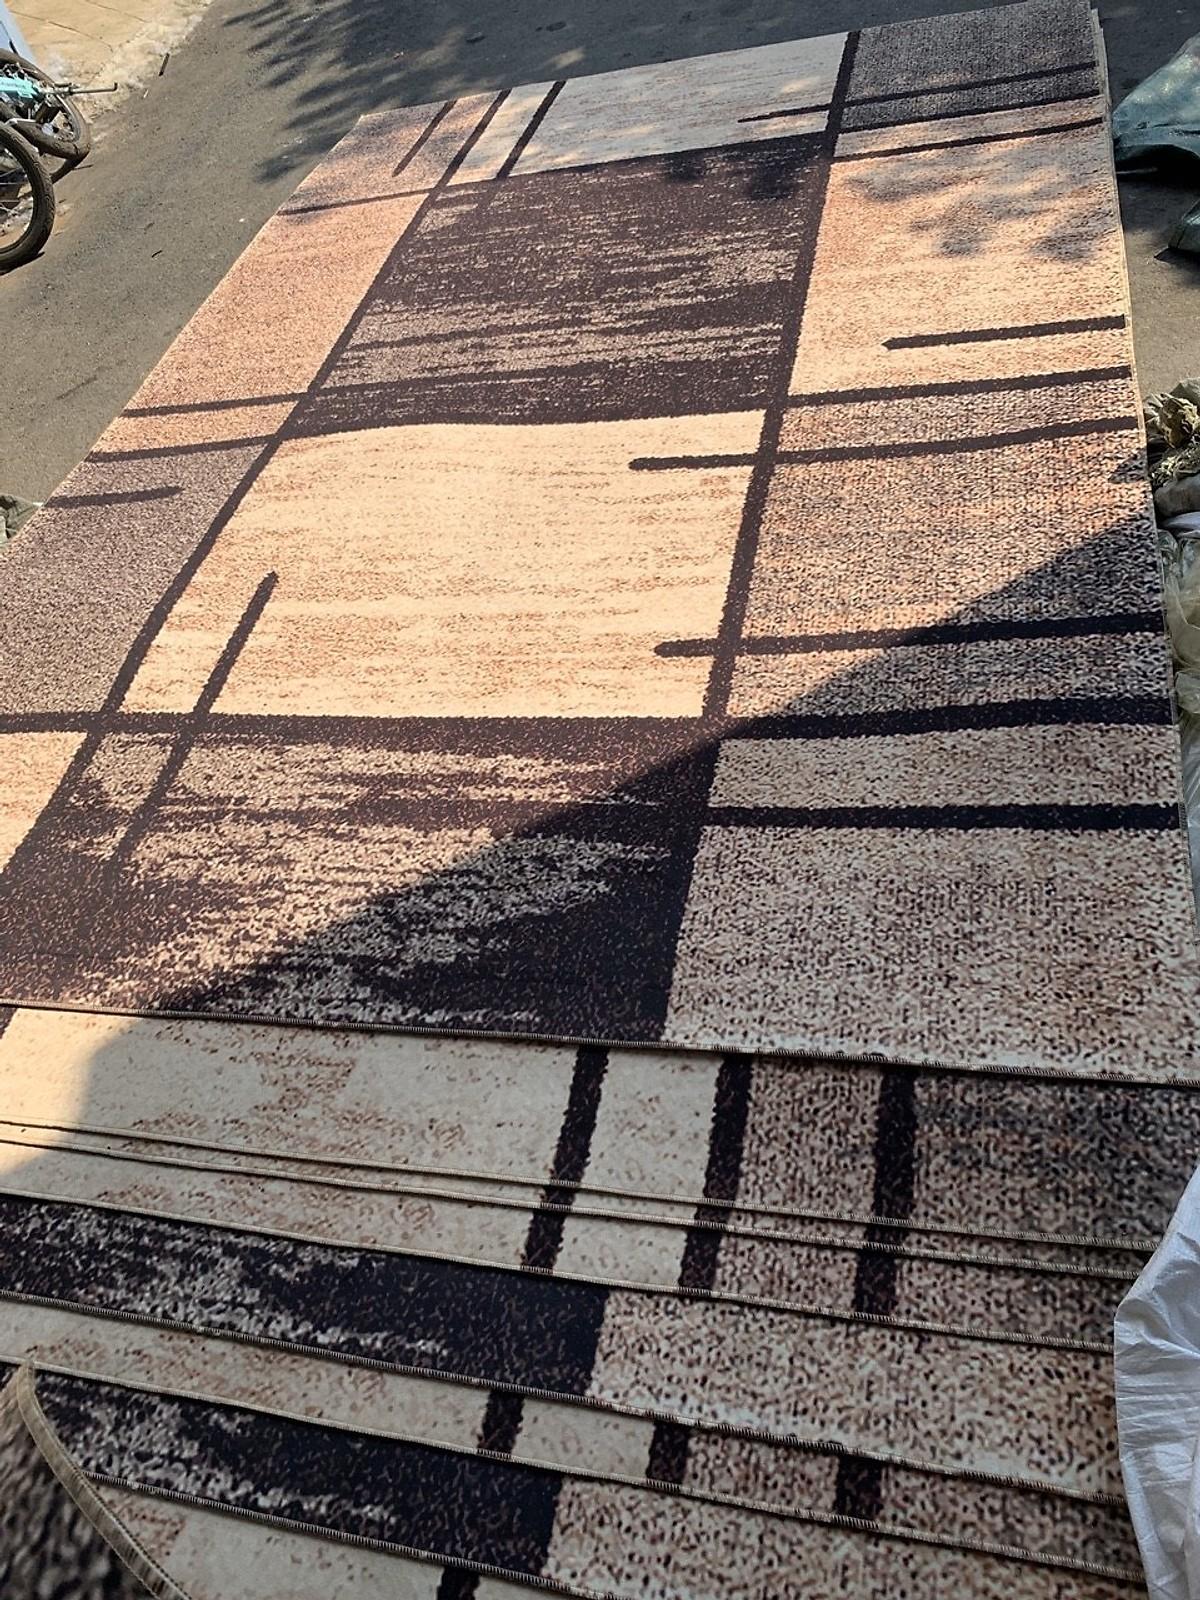 Thảm lì bali trải sàn họa tiết kẻ cao cấp 1m6x2m3